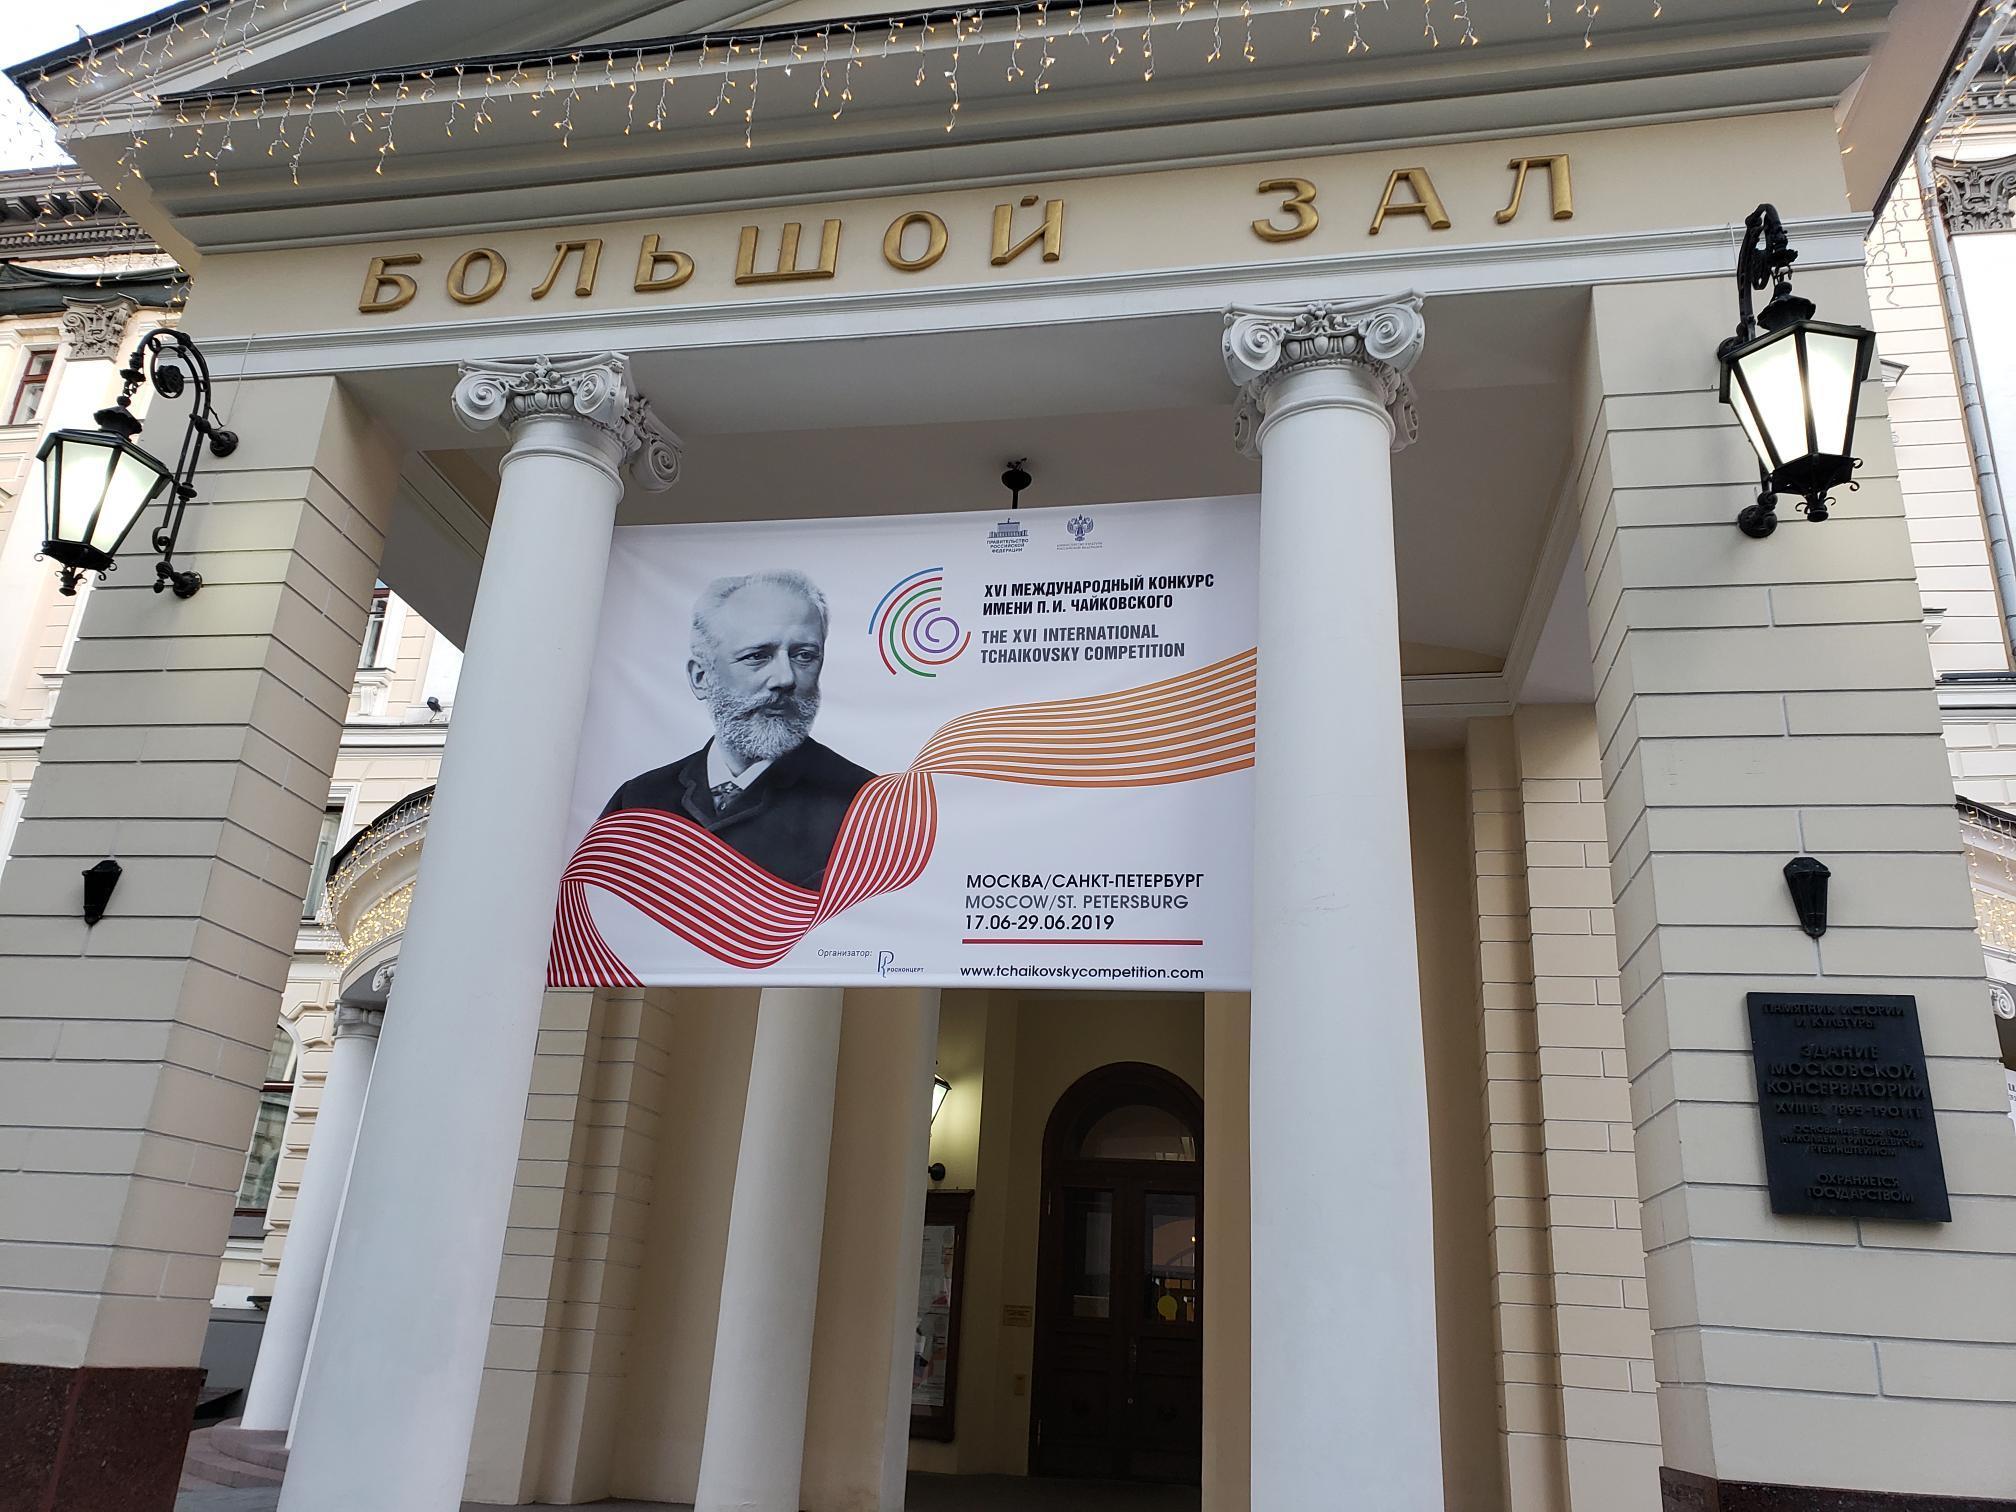 会場となったモスクワ音楽学院外観